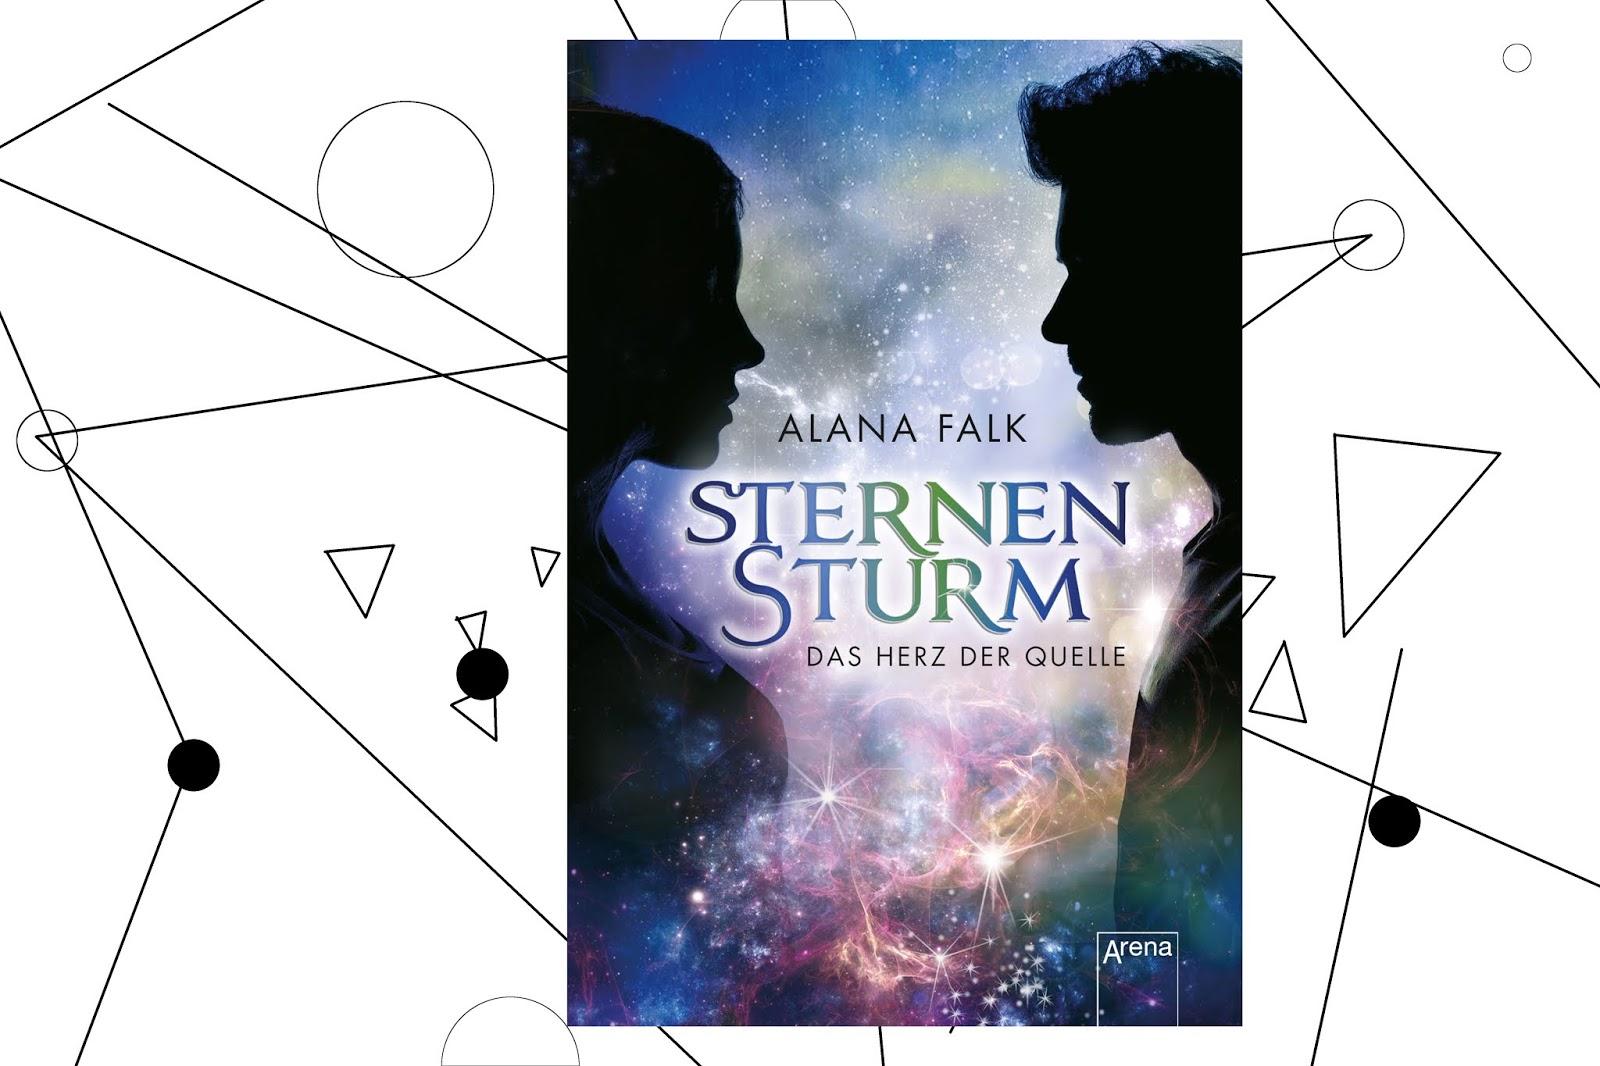 Sternensturm Alana Falk Rezension Das Haus der bunten Bücher